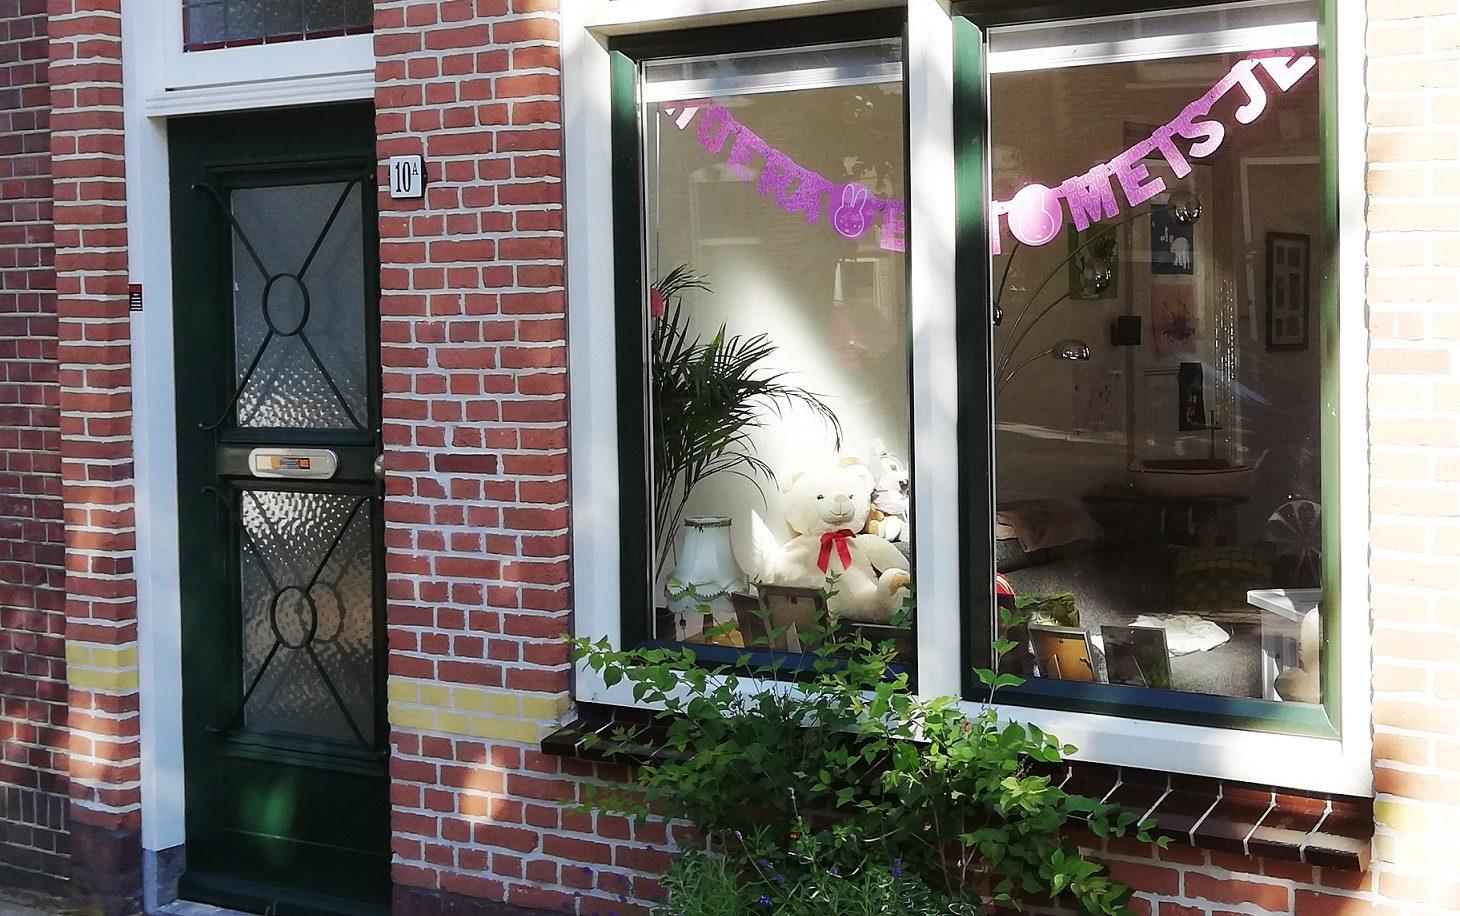 Dos tradiciones típicas holandesas: la de anunciar el nacimiento de un hijo o el término de la escuela secundaria. Fotos: SuJu